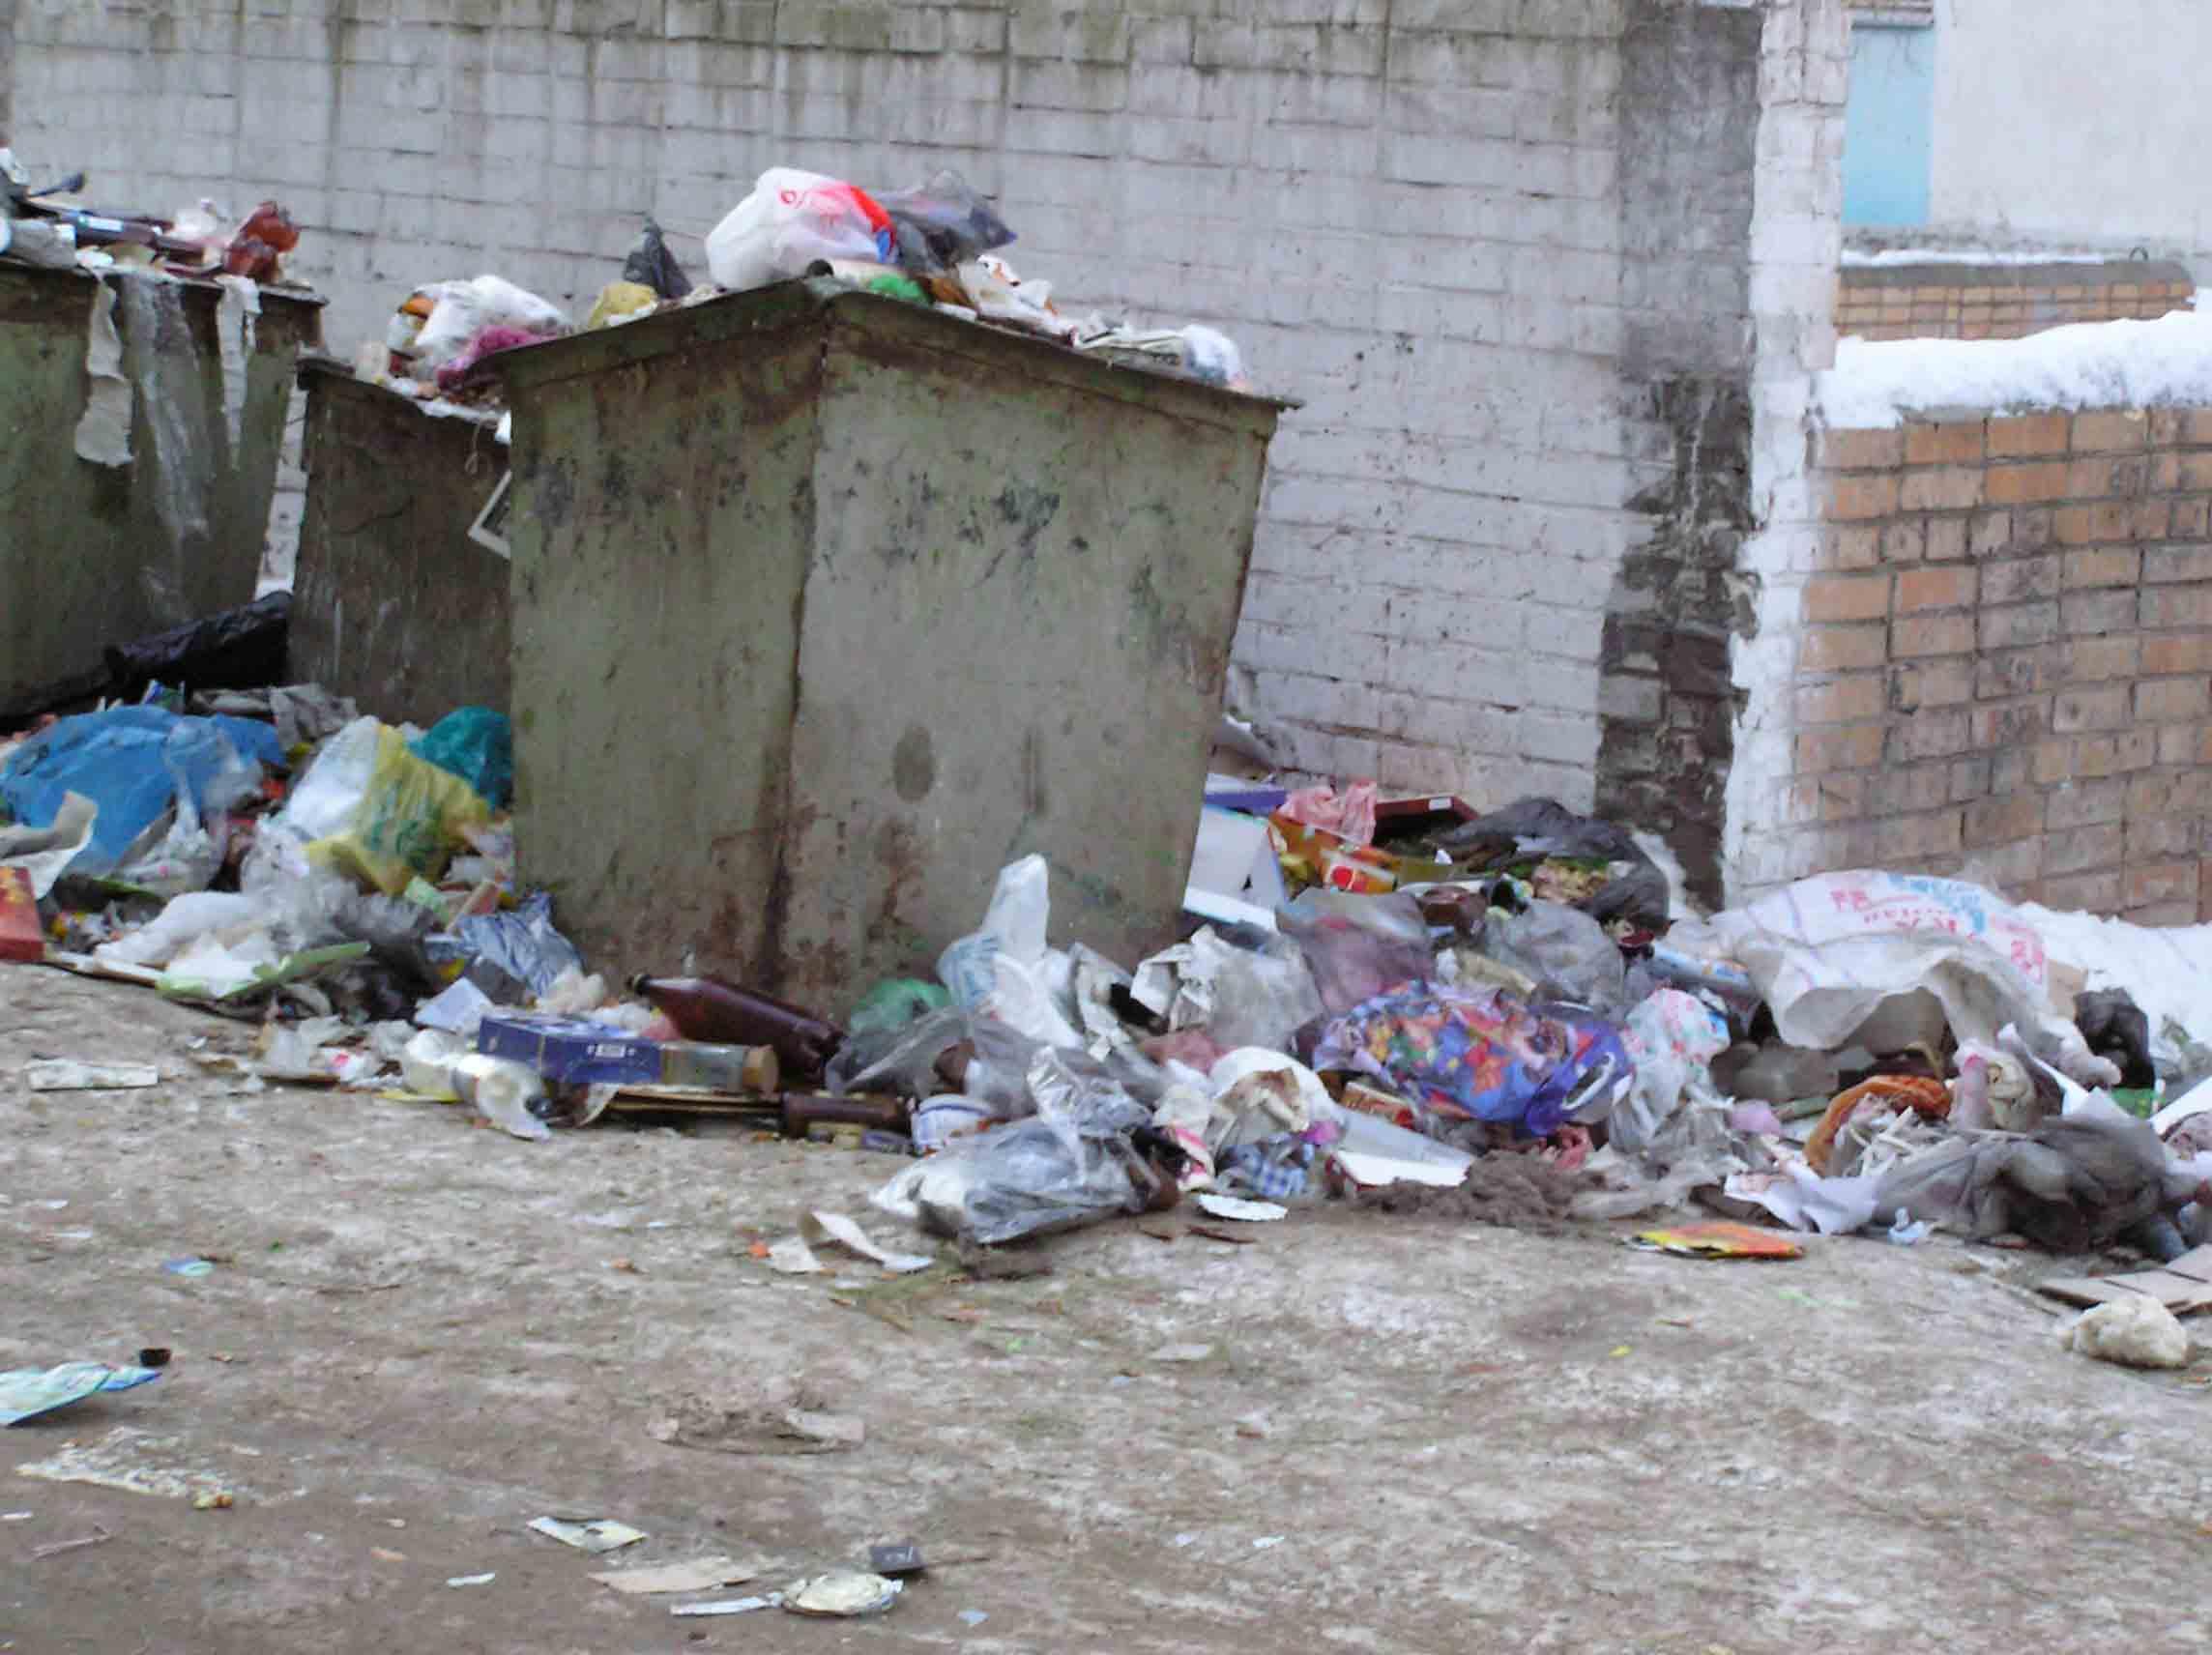 Коммунальные платежи вырастут на 15%. Виноват мусор!